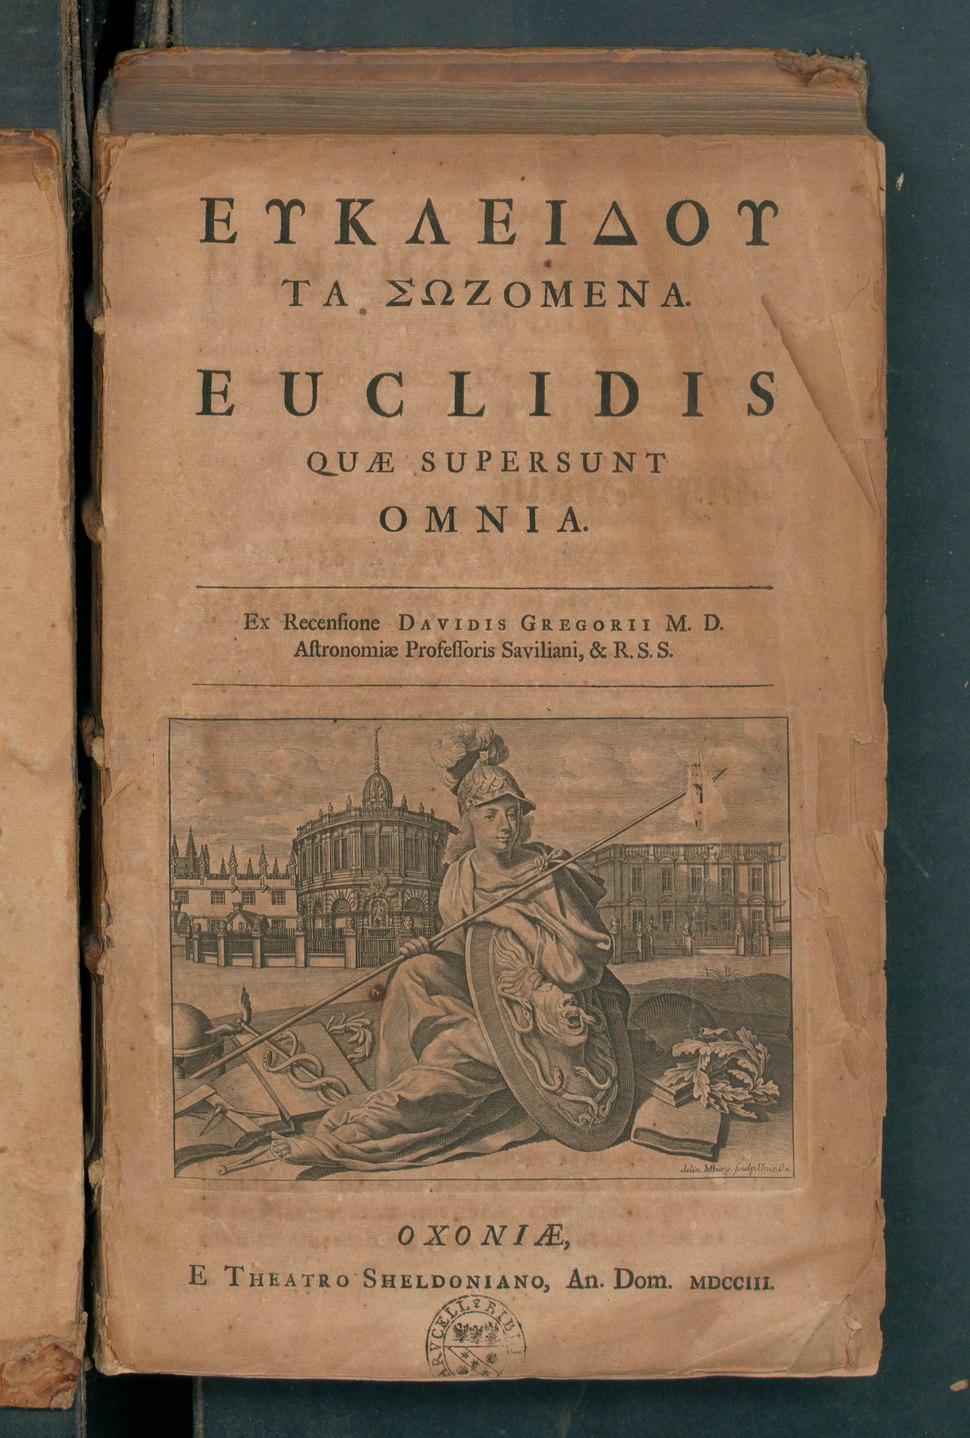 Euclidis quae supersunt omnia